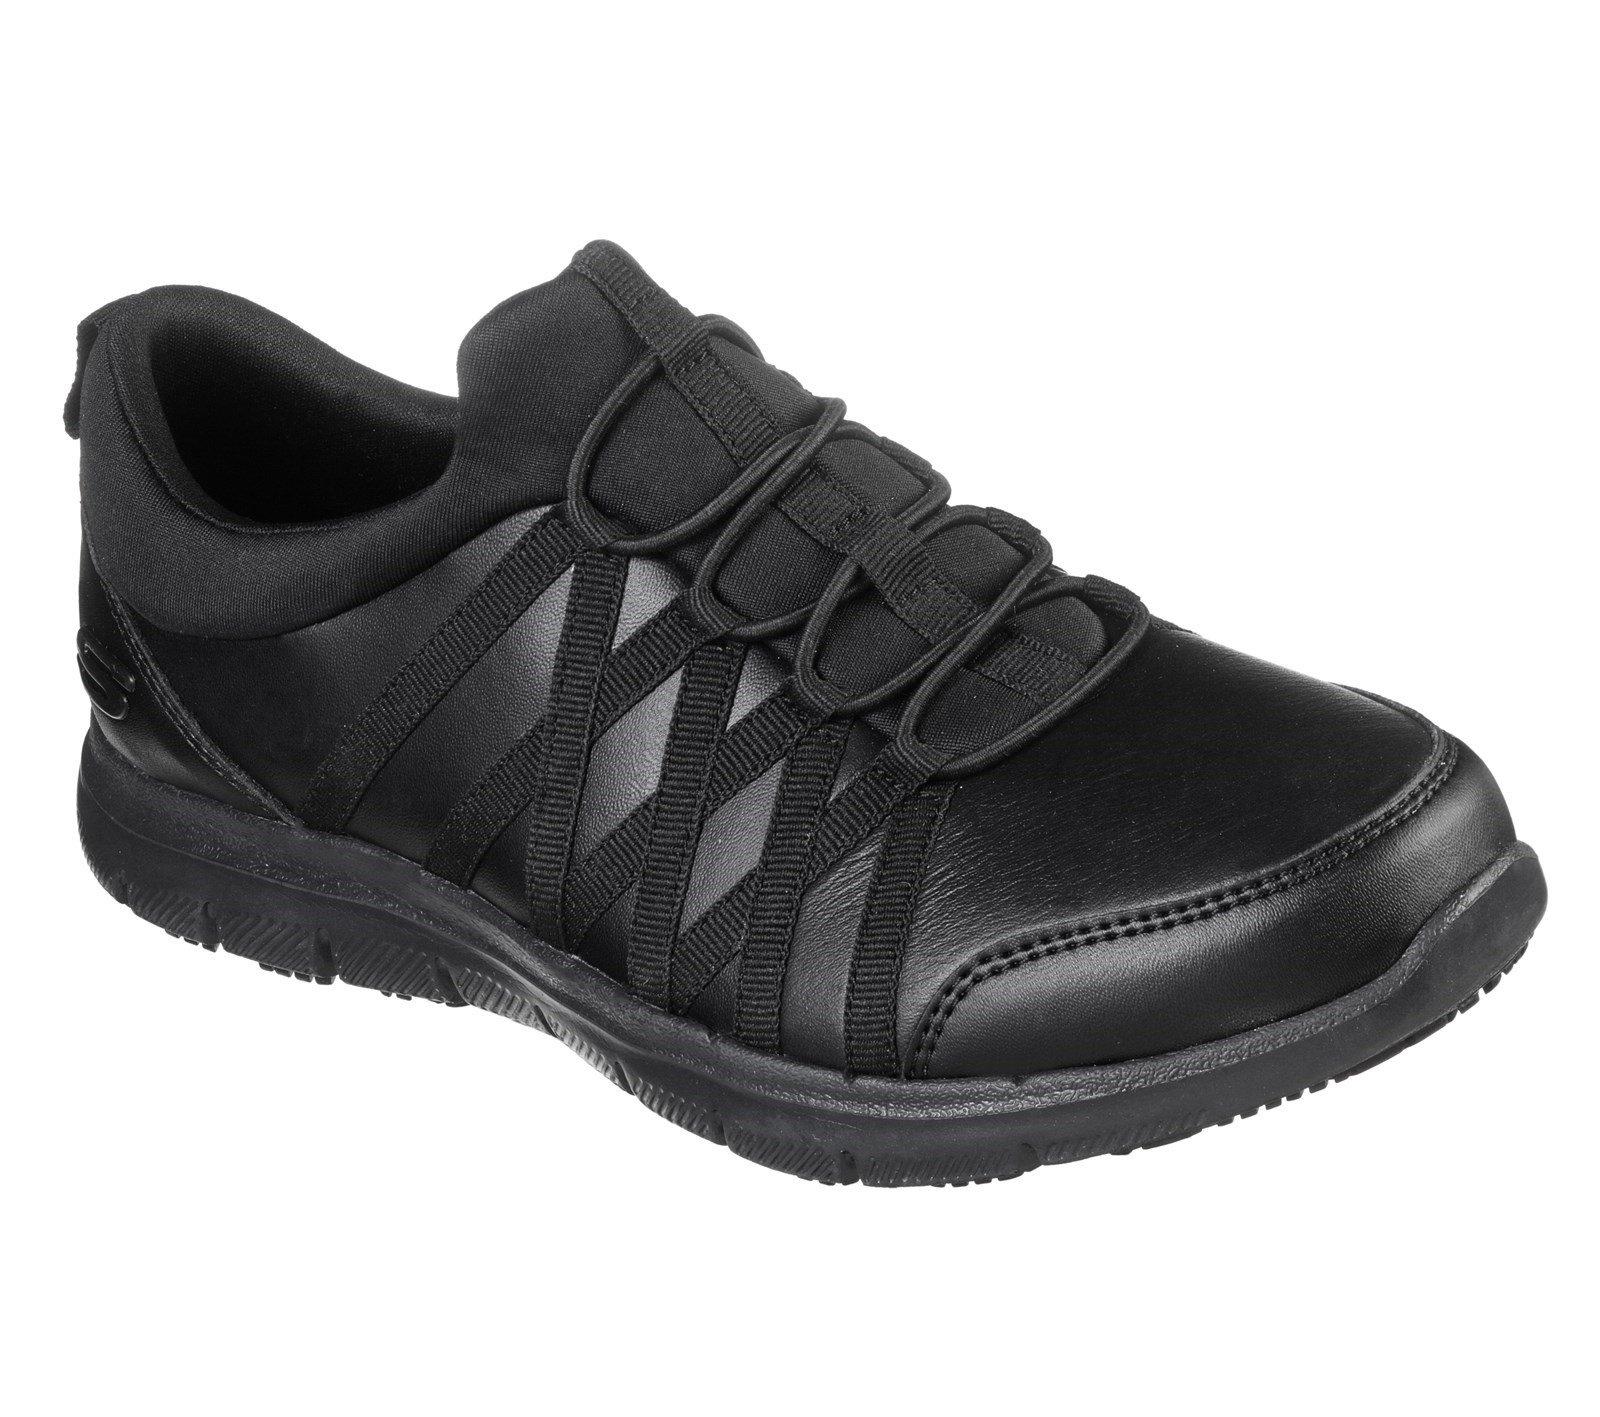 Skechers Women's Ghenter Dagsby Safety Trainer Black 32306 - Black 3